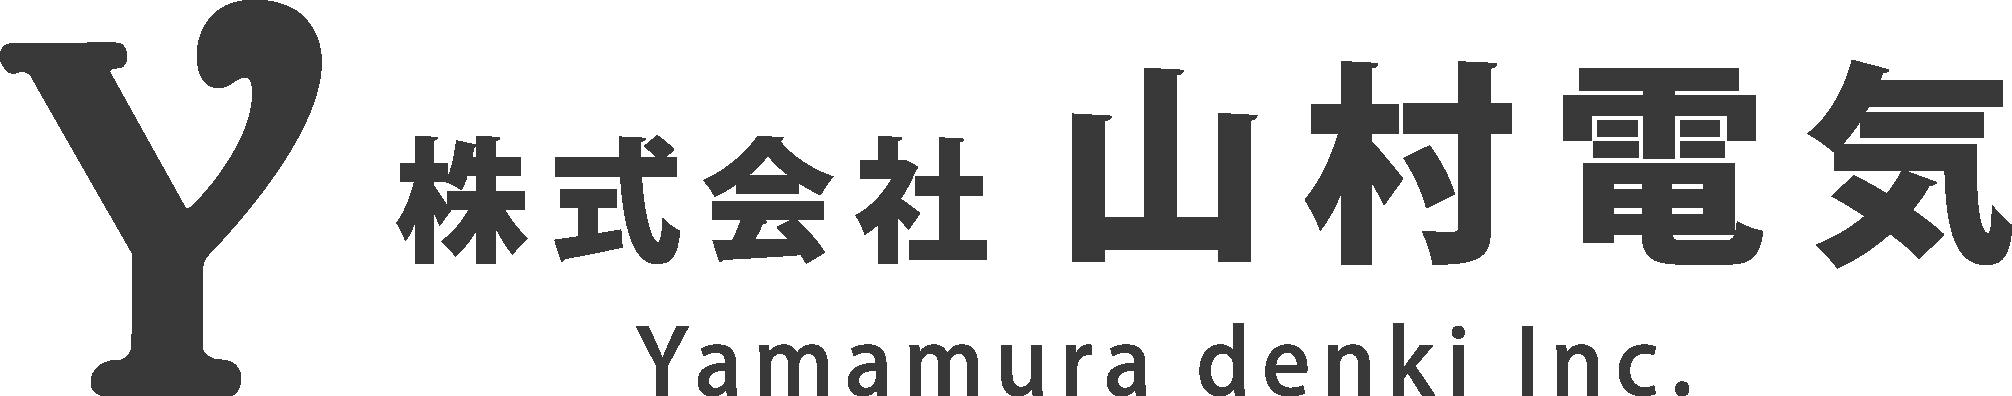 福岡県春日市、糟屋郡、博多区で電気工事・オール電化などは株式会社山村電気